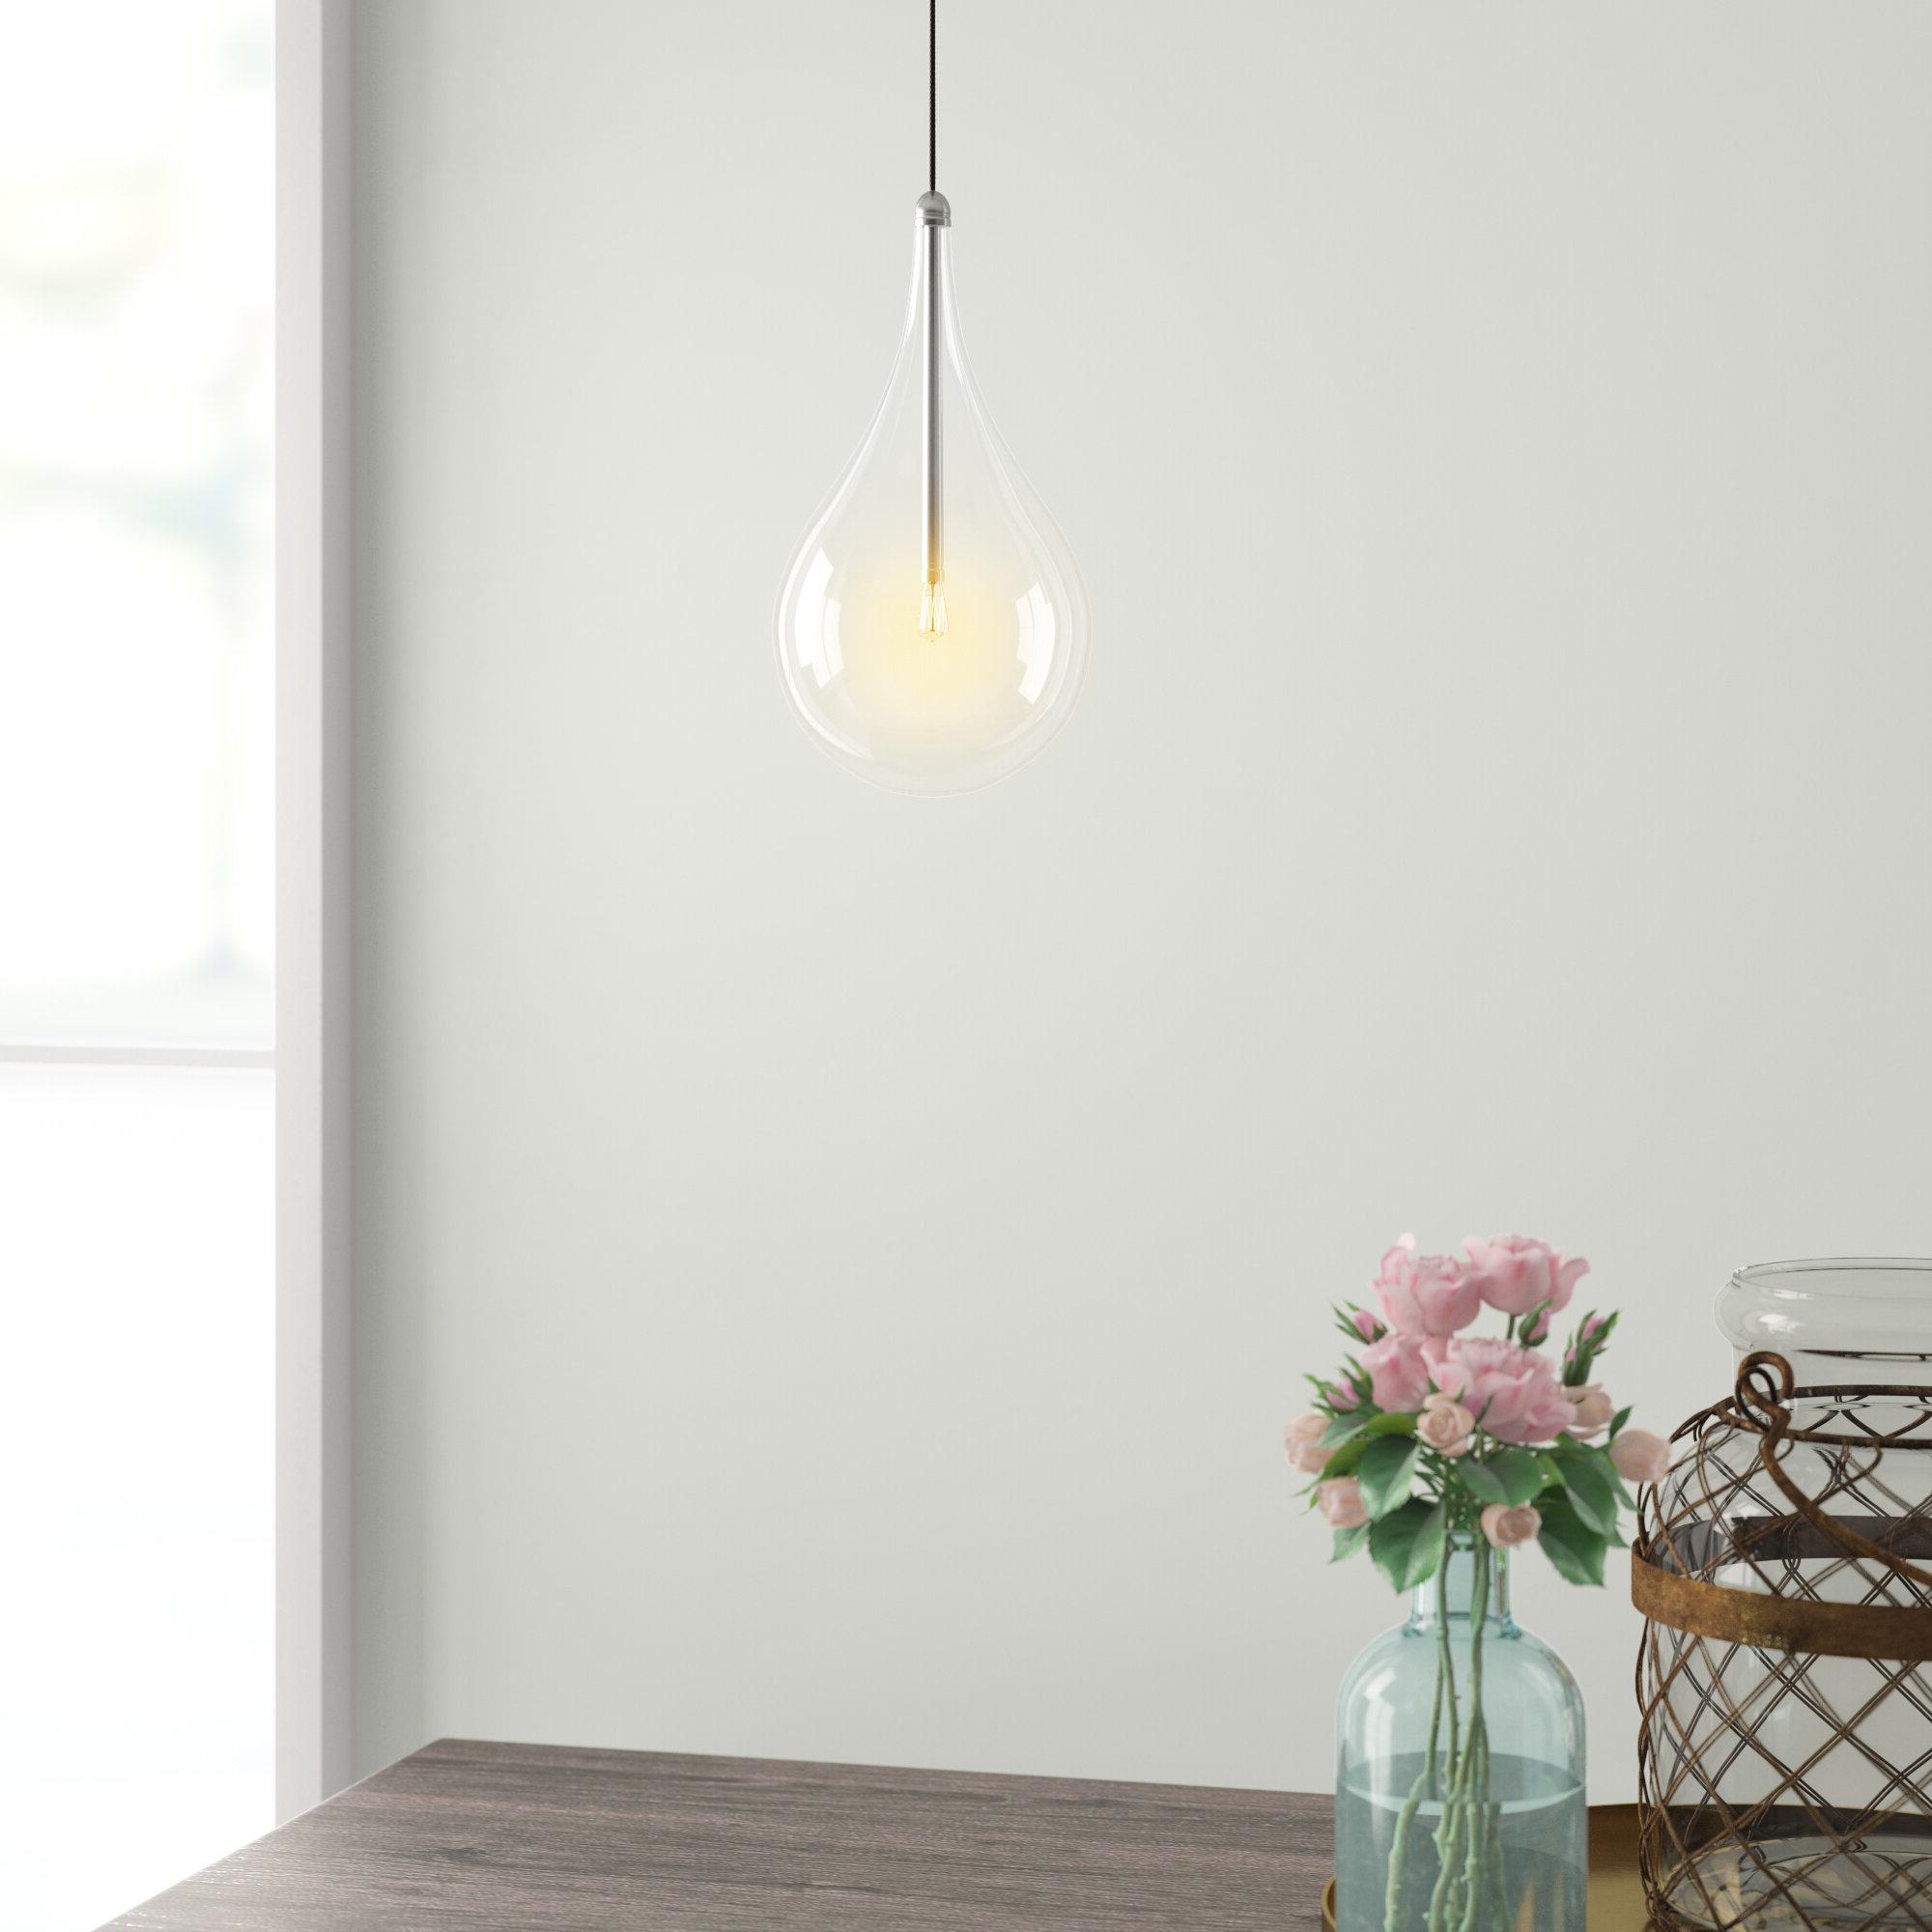 2019 Neal 1 Light Single Teardrop Pendant Intended For Neal 1 Light Single Teardrop Pendants (Gallery 2 of 20)